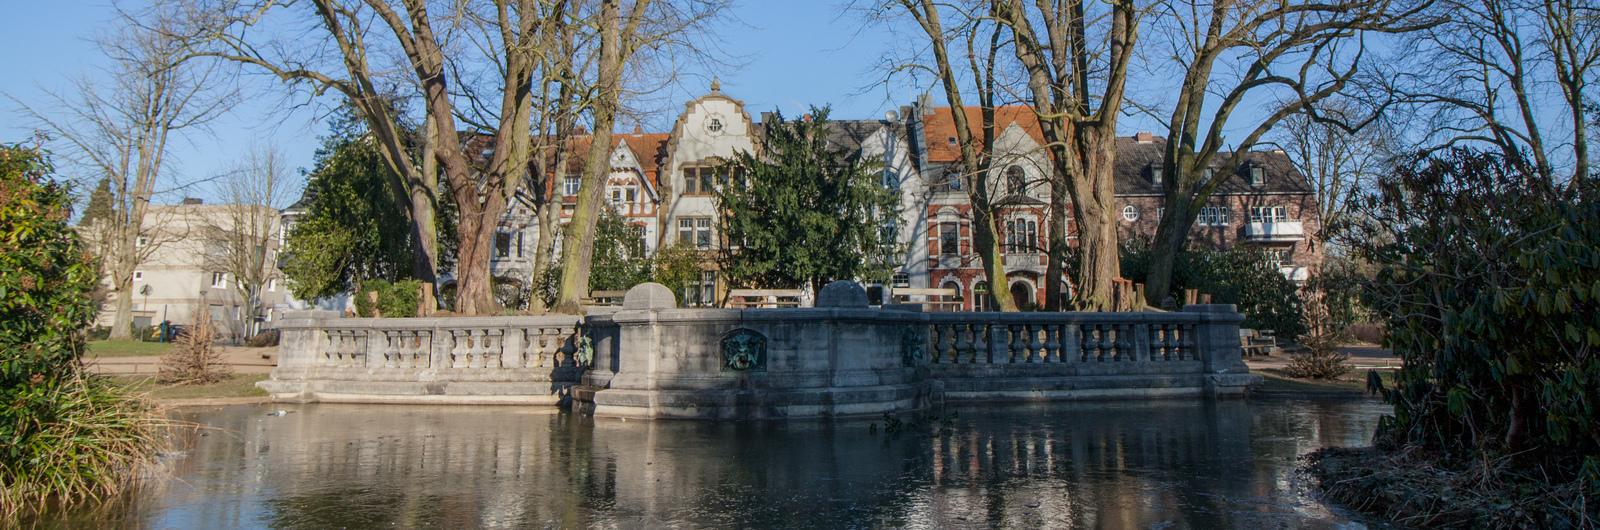 viersen city header